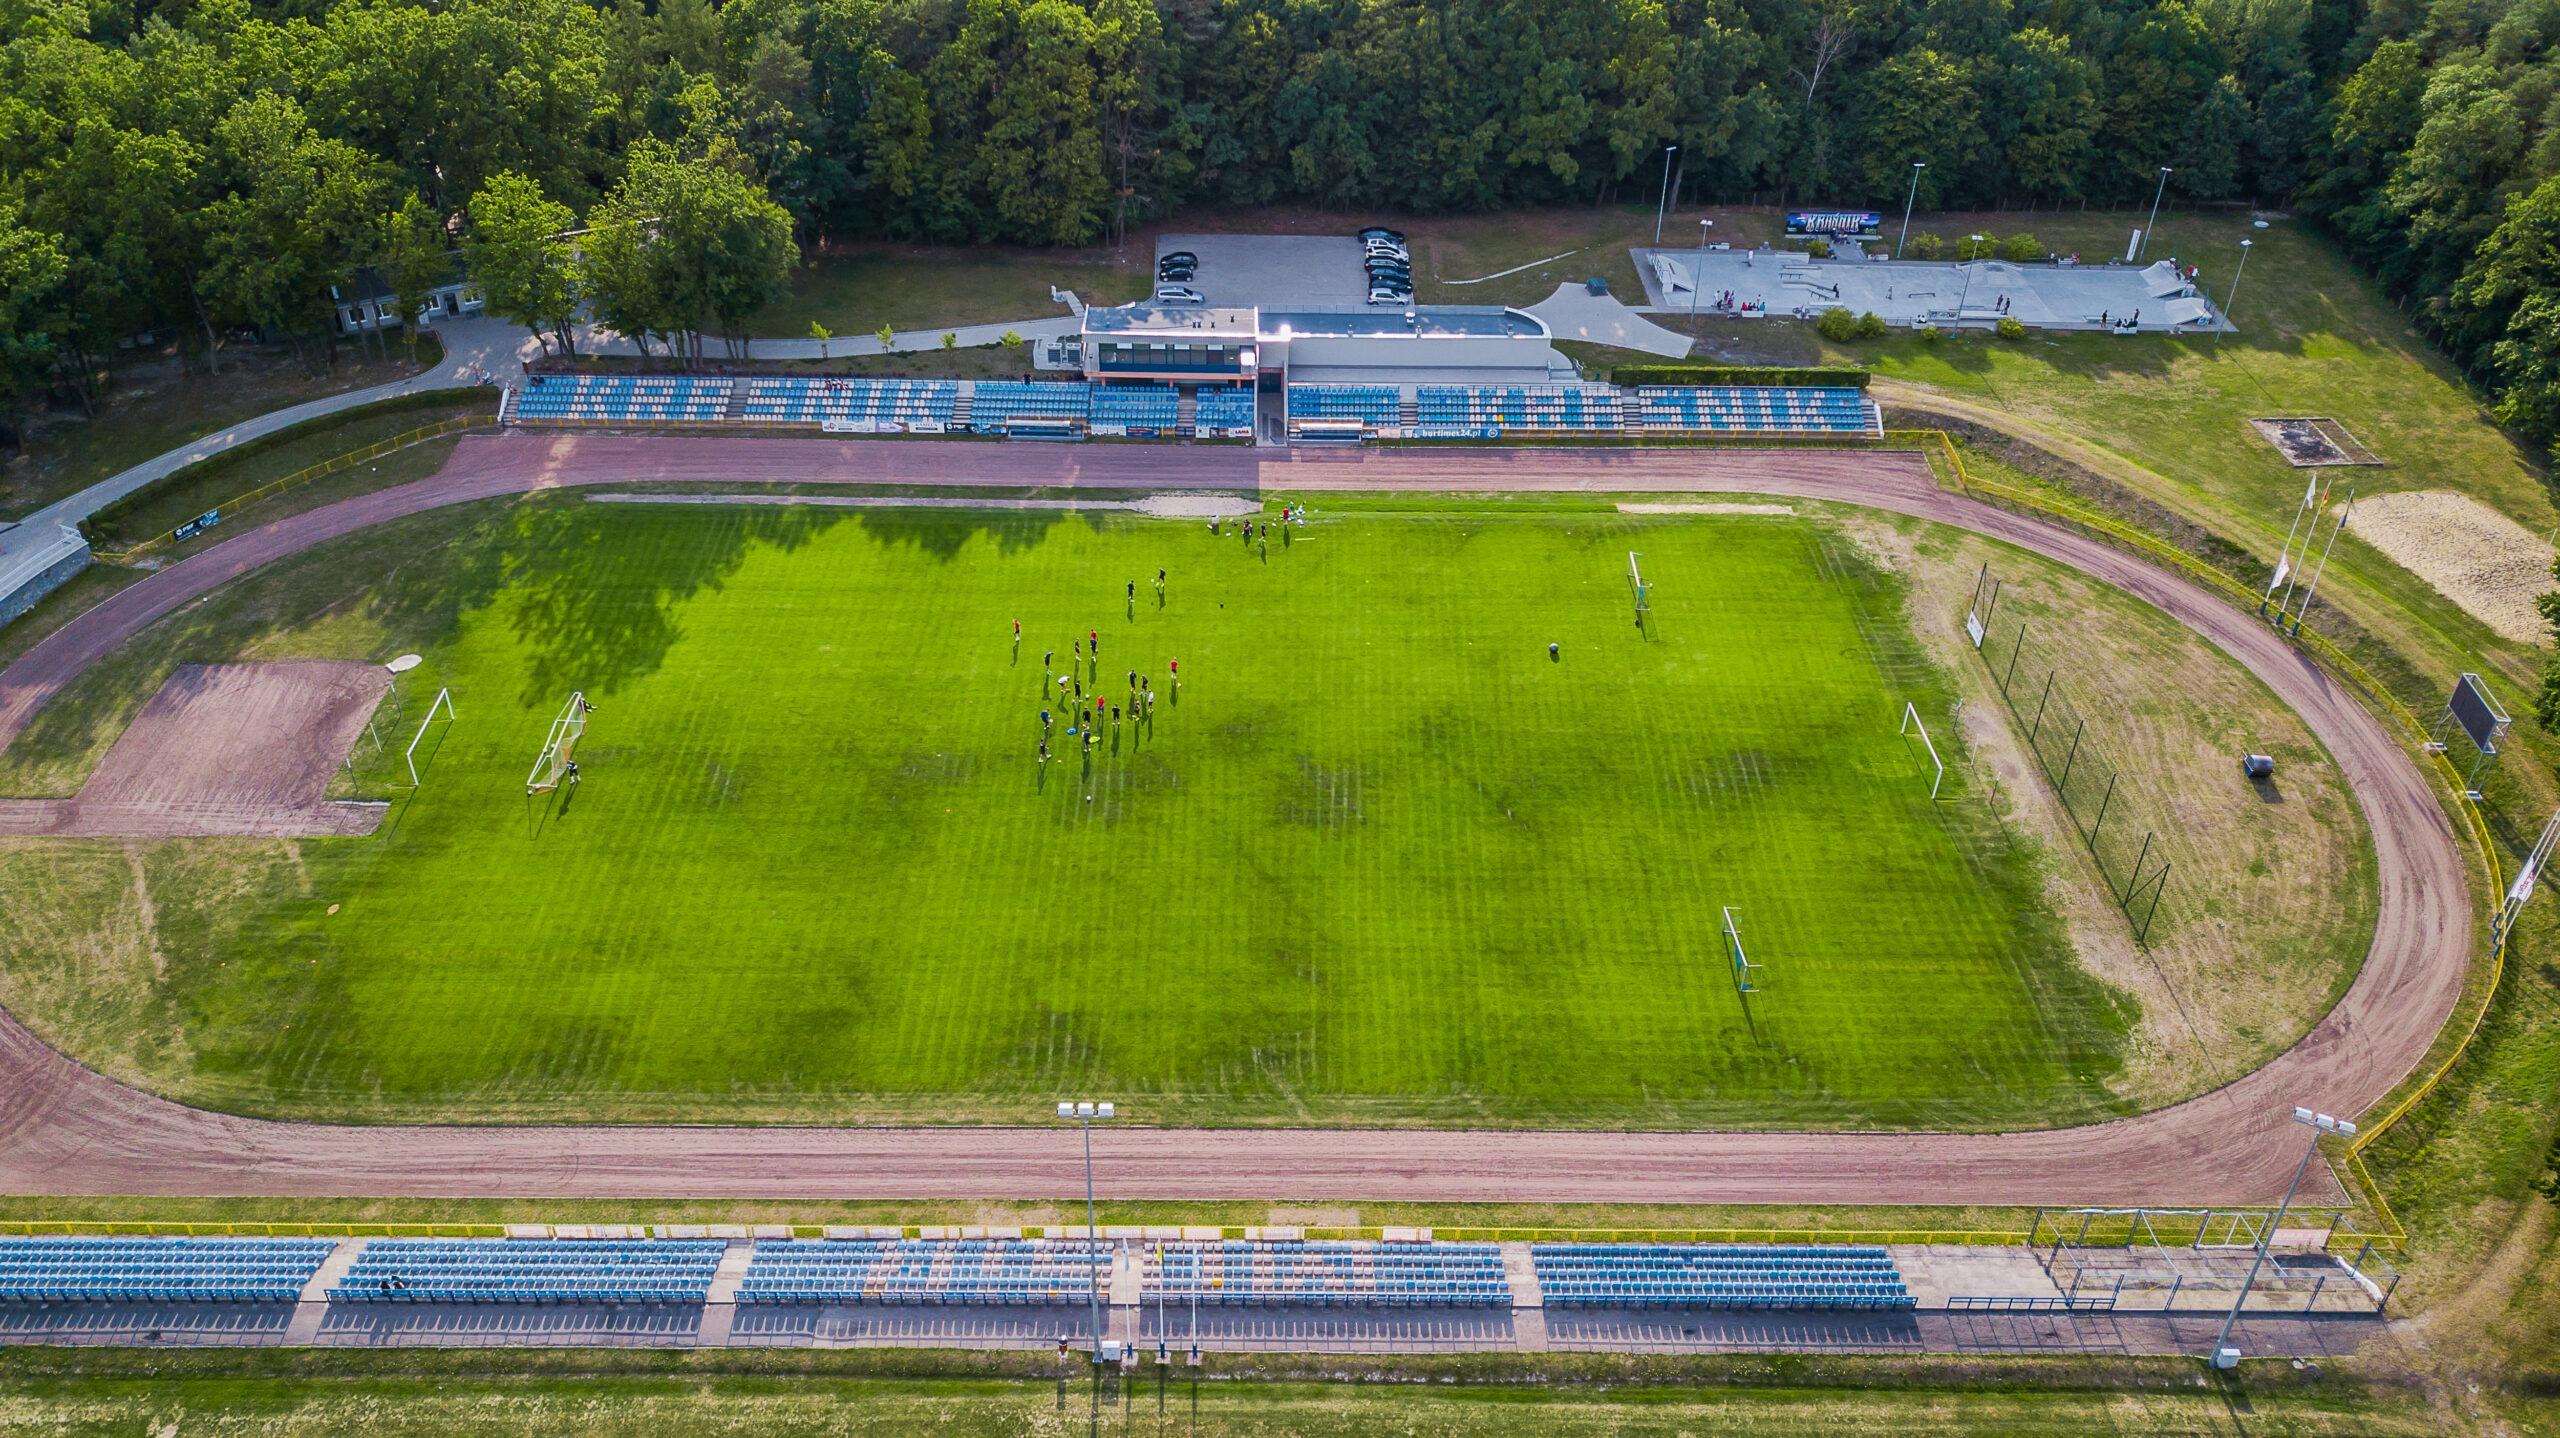 Zdjęcie przedstawia widok z drona na boisko i bieżnię przy Miejskim Ośrodku Sportu i Rekreacji